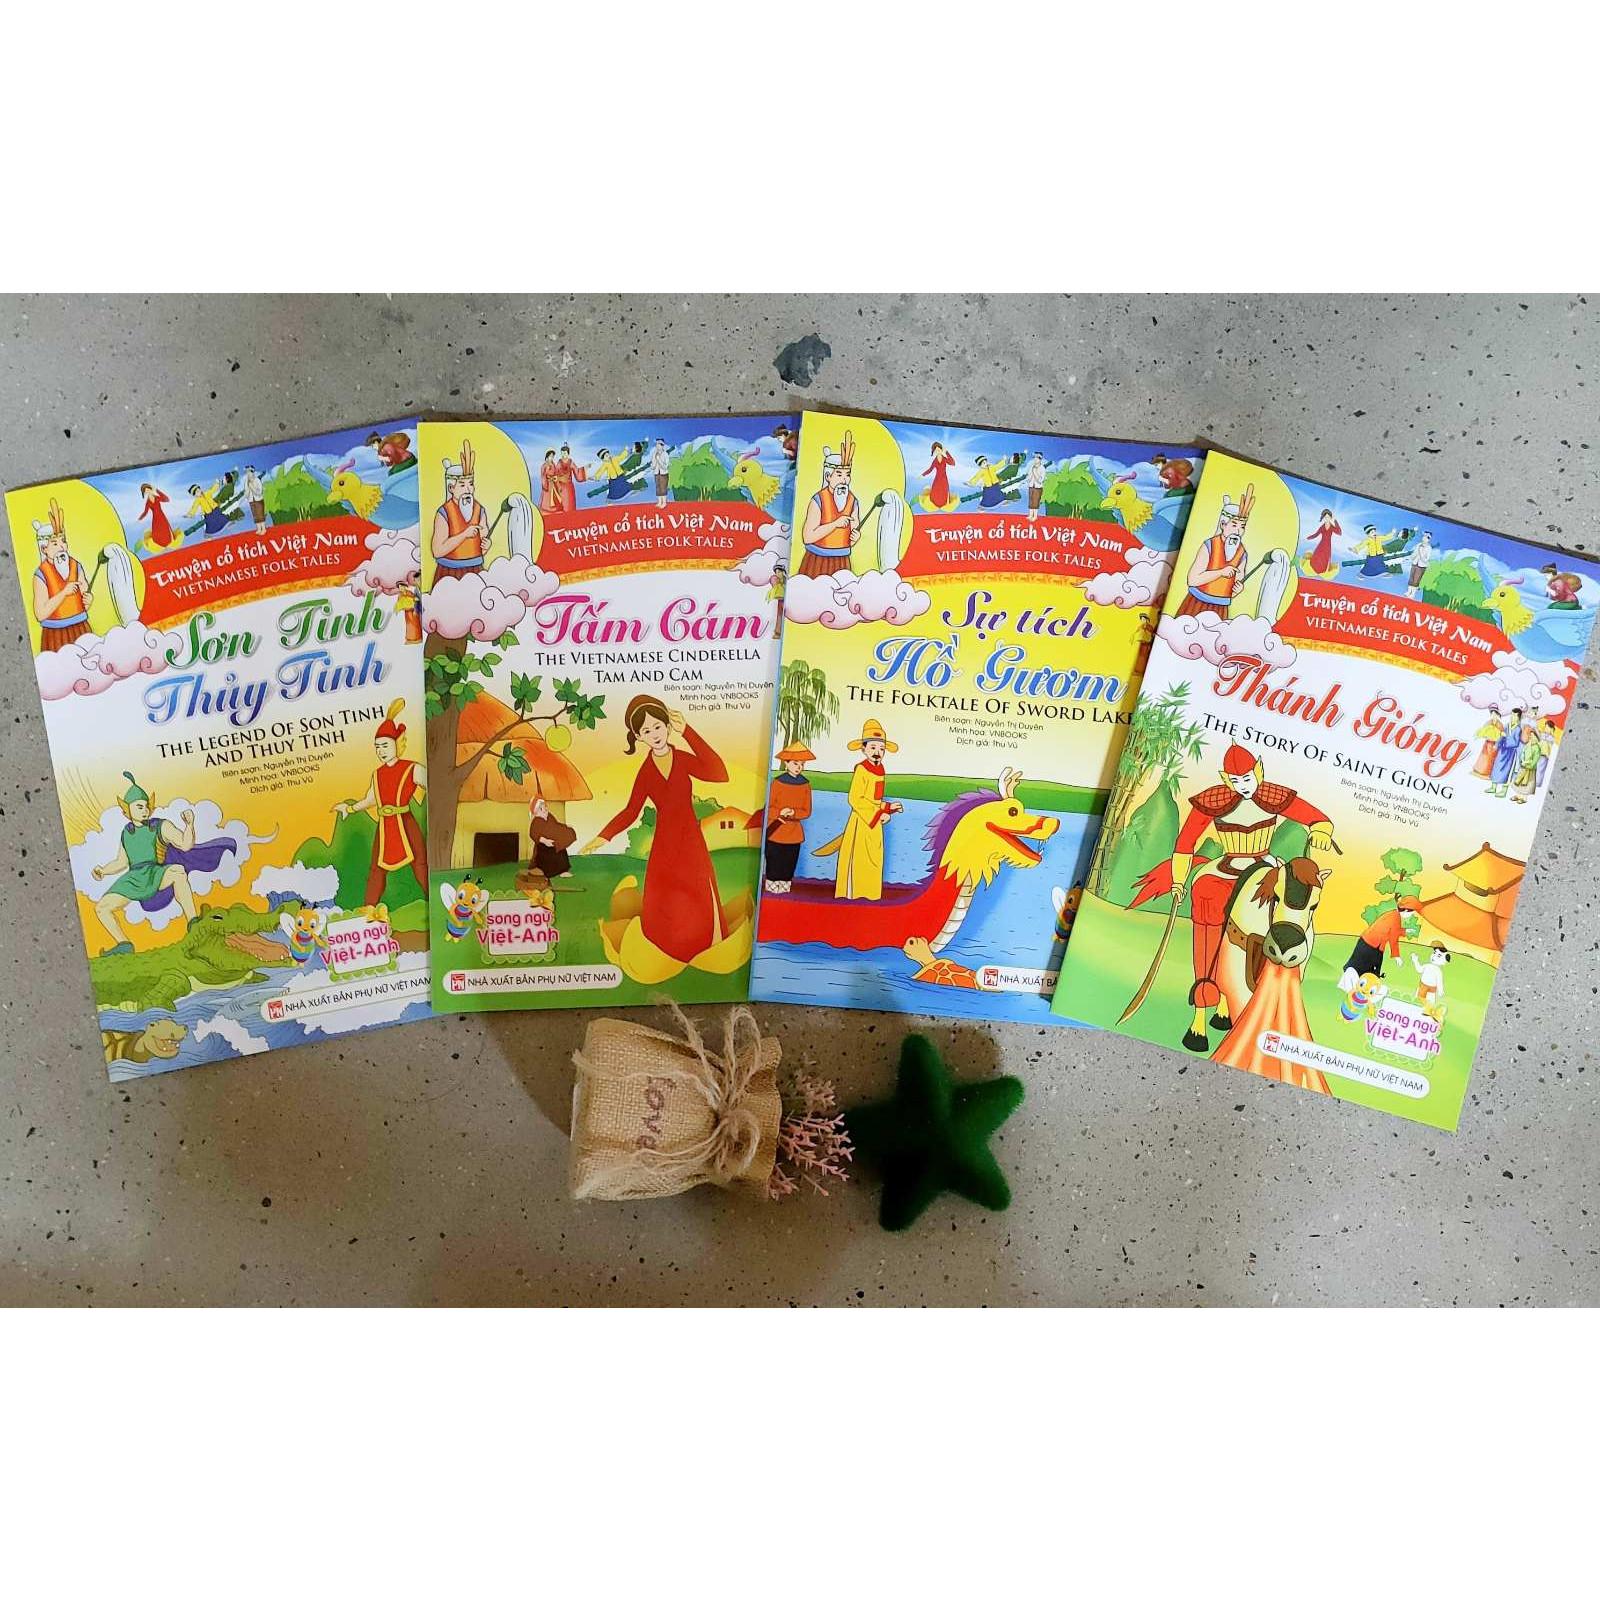 Com bo 4 cuốn truyện cổ tích Việt Nam - Thánh Gióng, Sự tích Hồ Gươm, Tấm Cám, Sơn Tinh Thủy Tinh